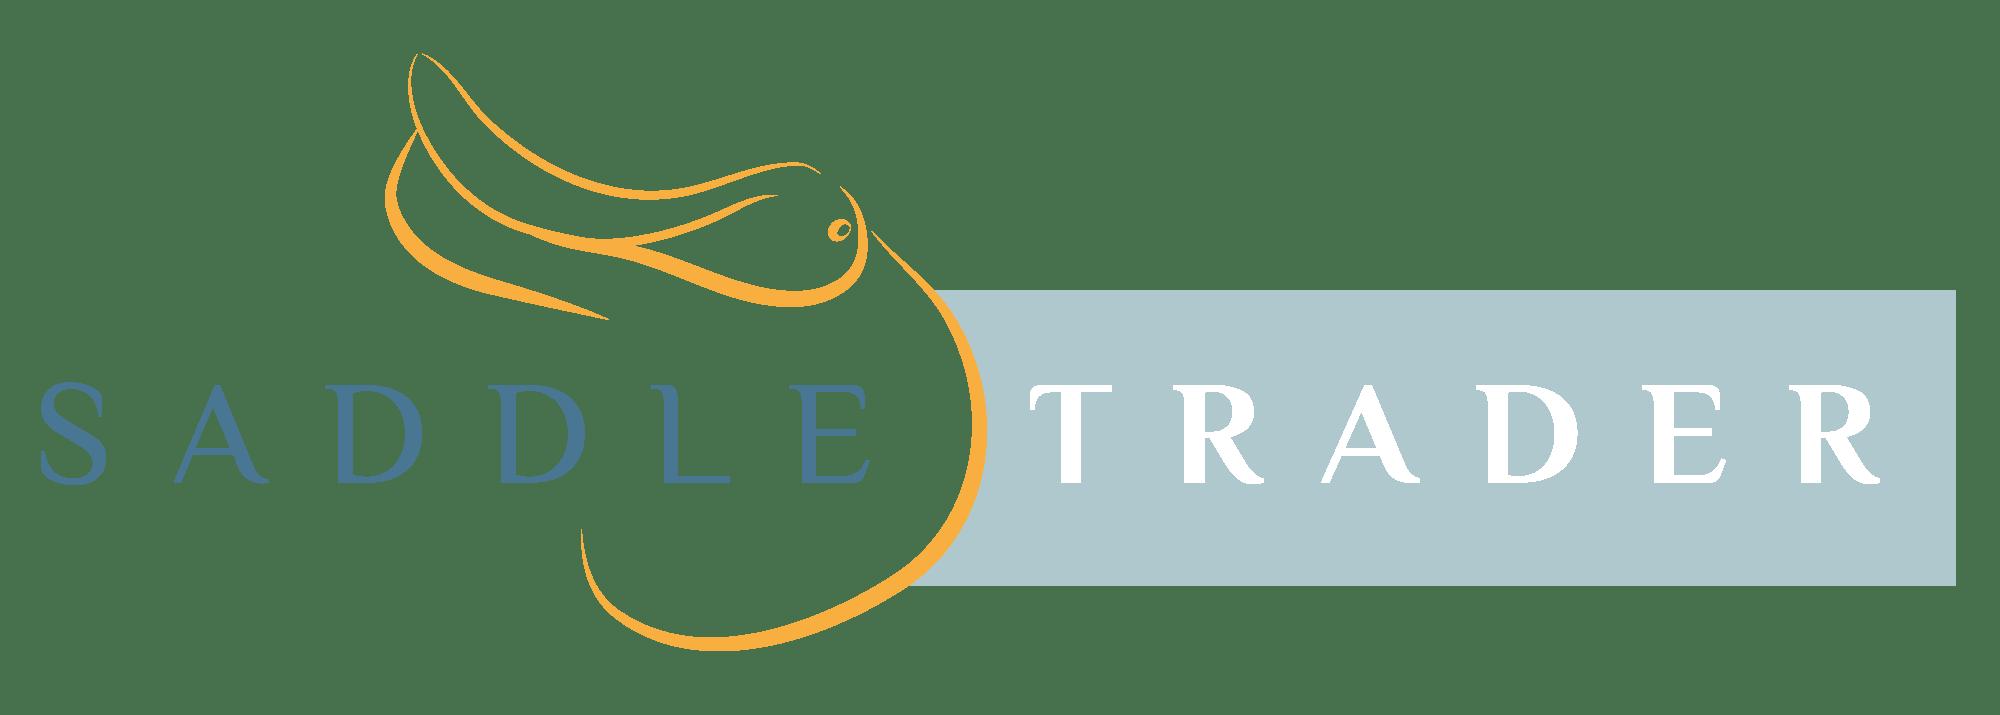 equestrian logo design saddle trader